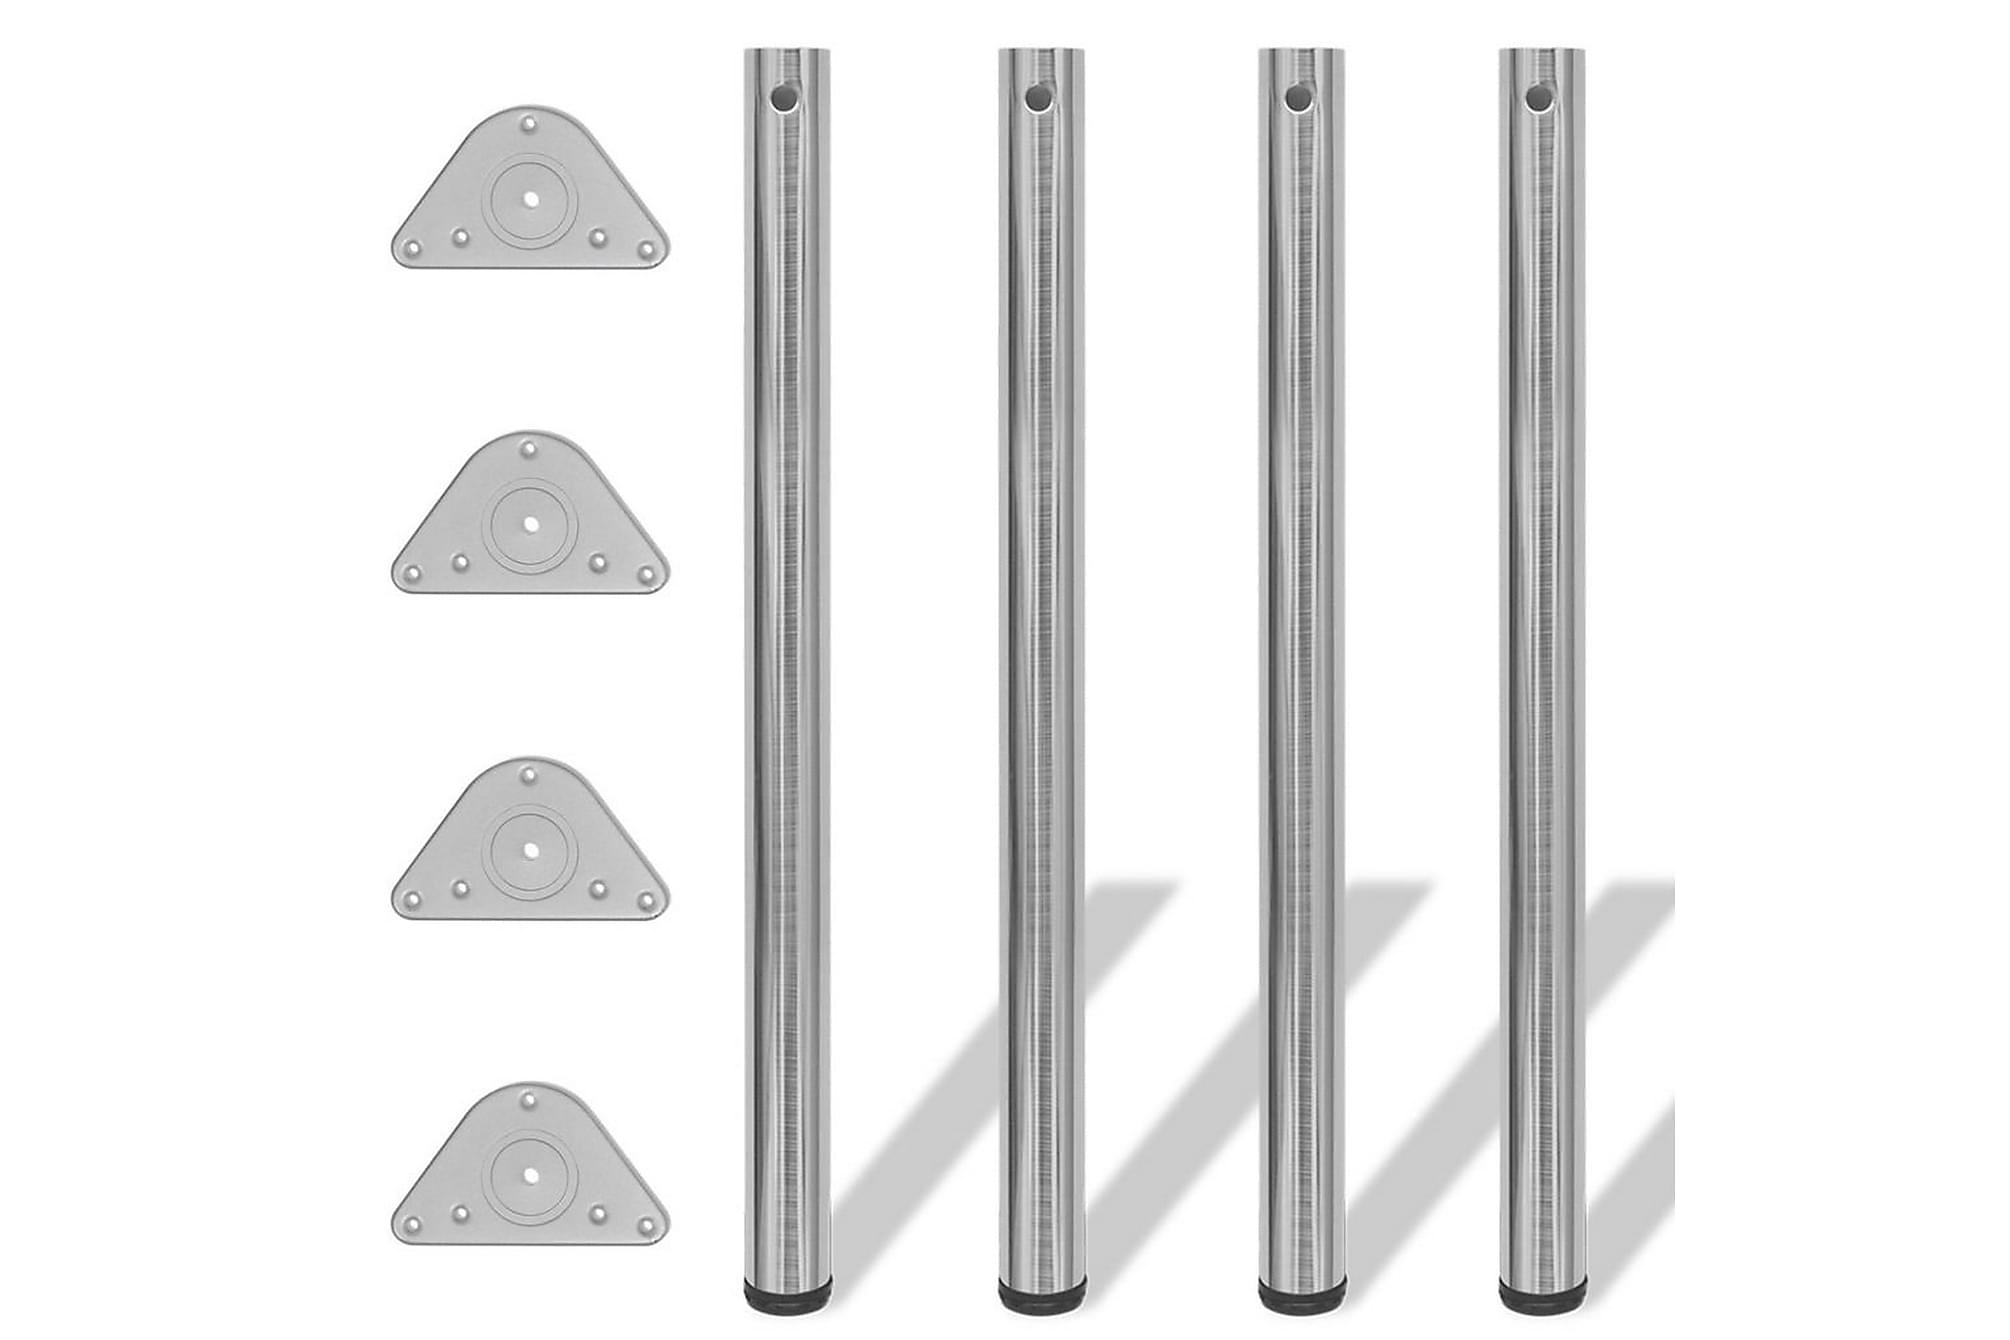 4 Justerbara raka bordsben i borstad nickel 870 mm, Bordsben & tillbehör